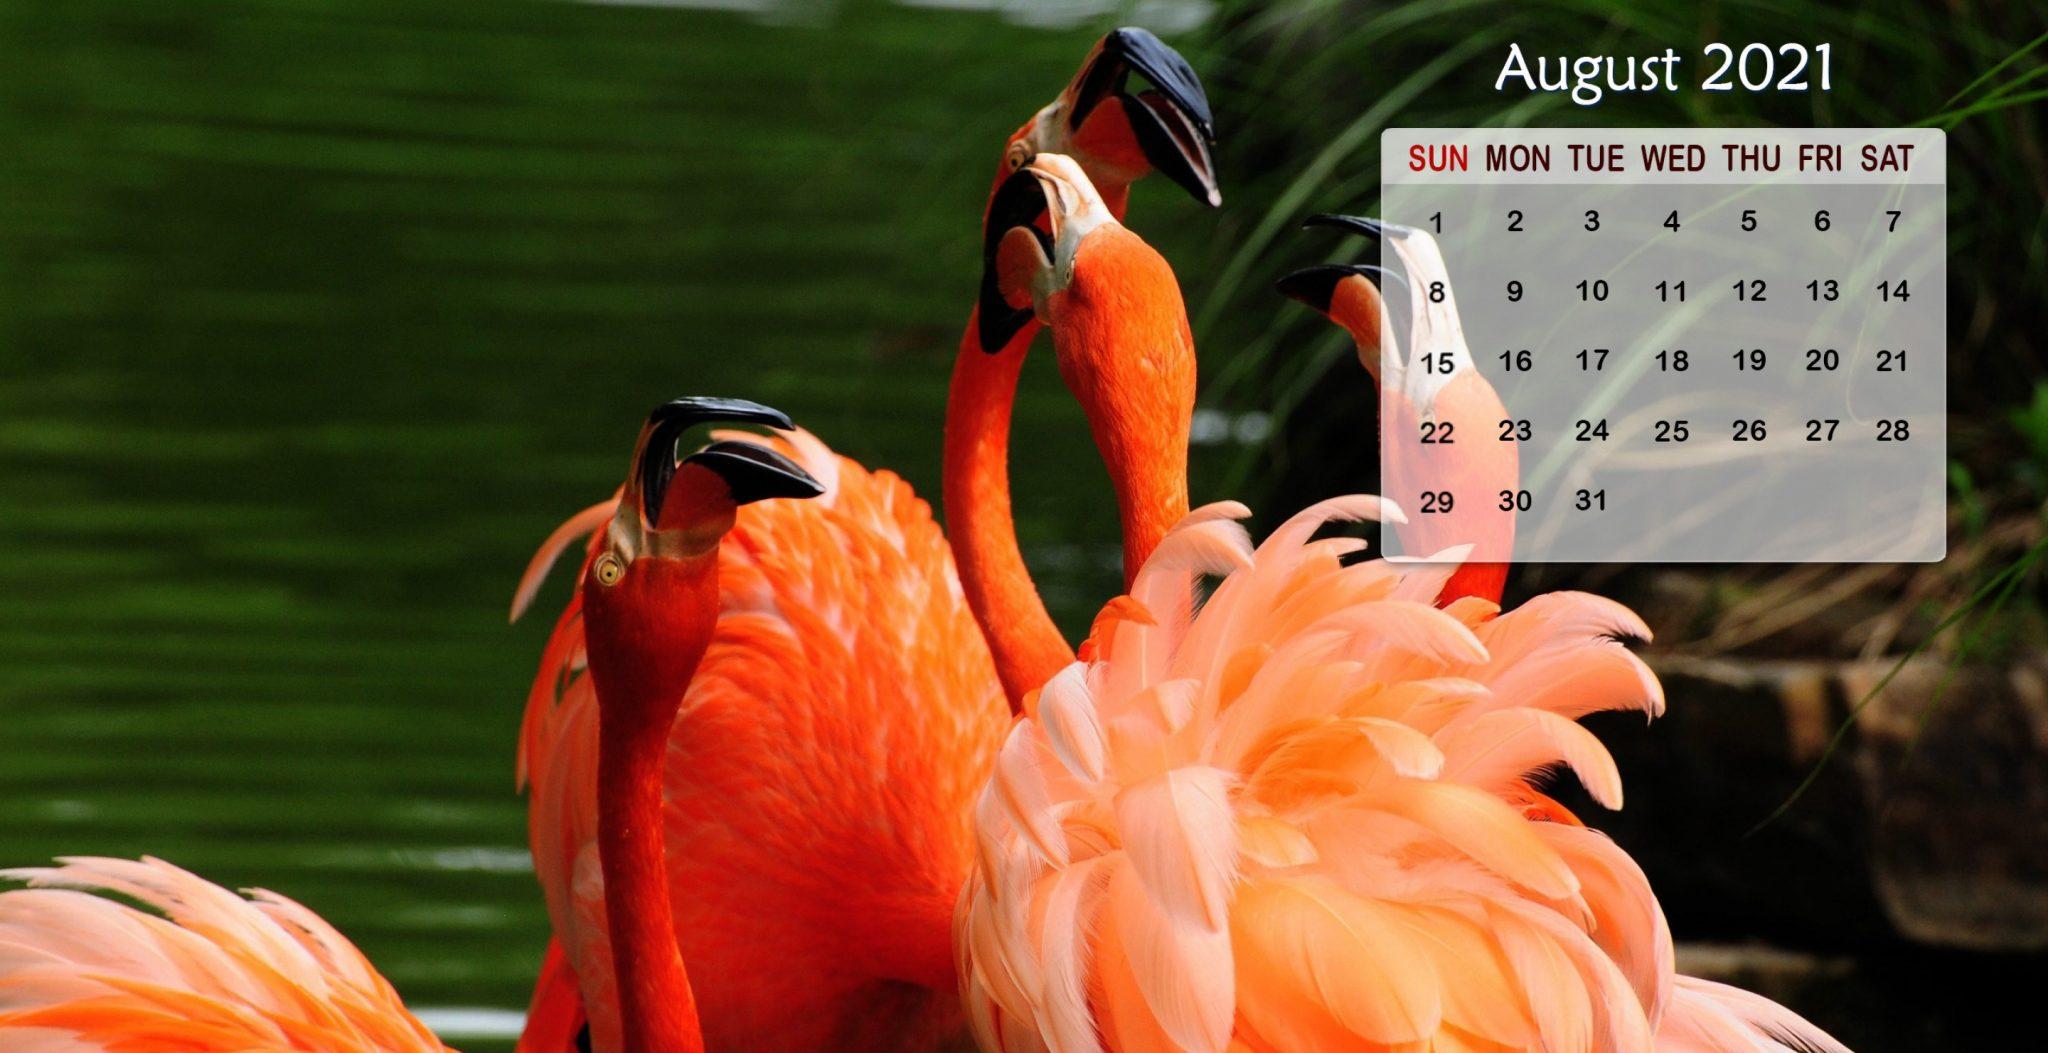 August 2021 Calendar HD Wallpaper